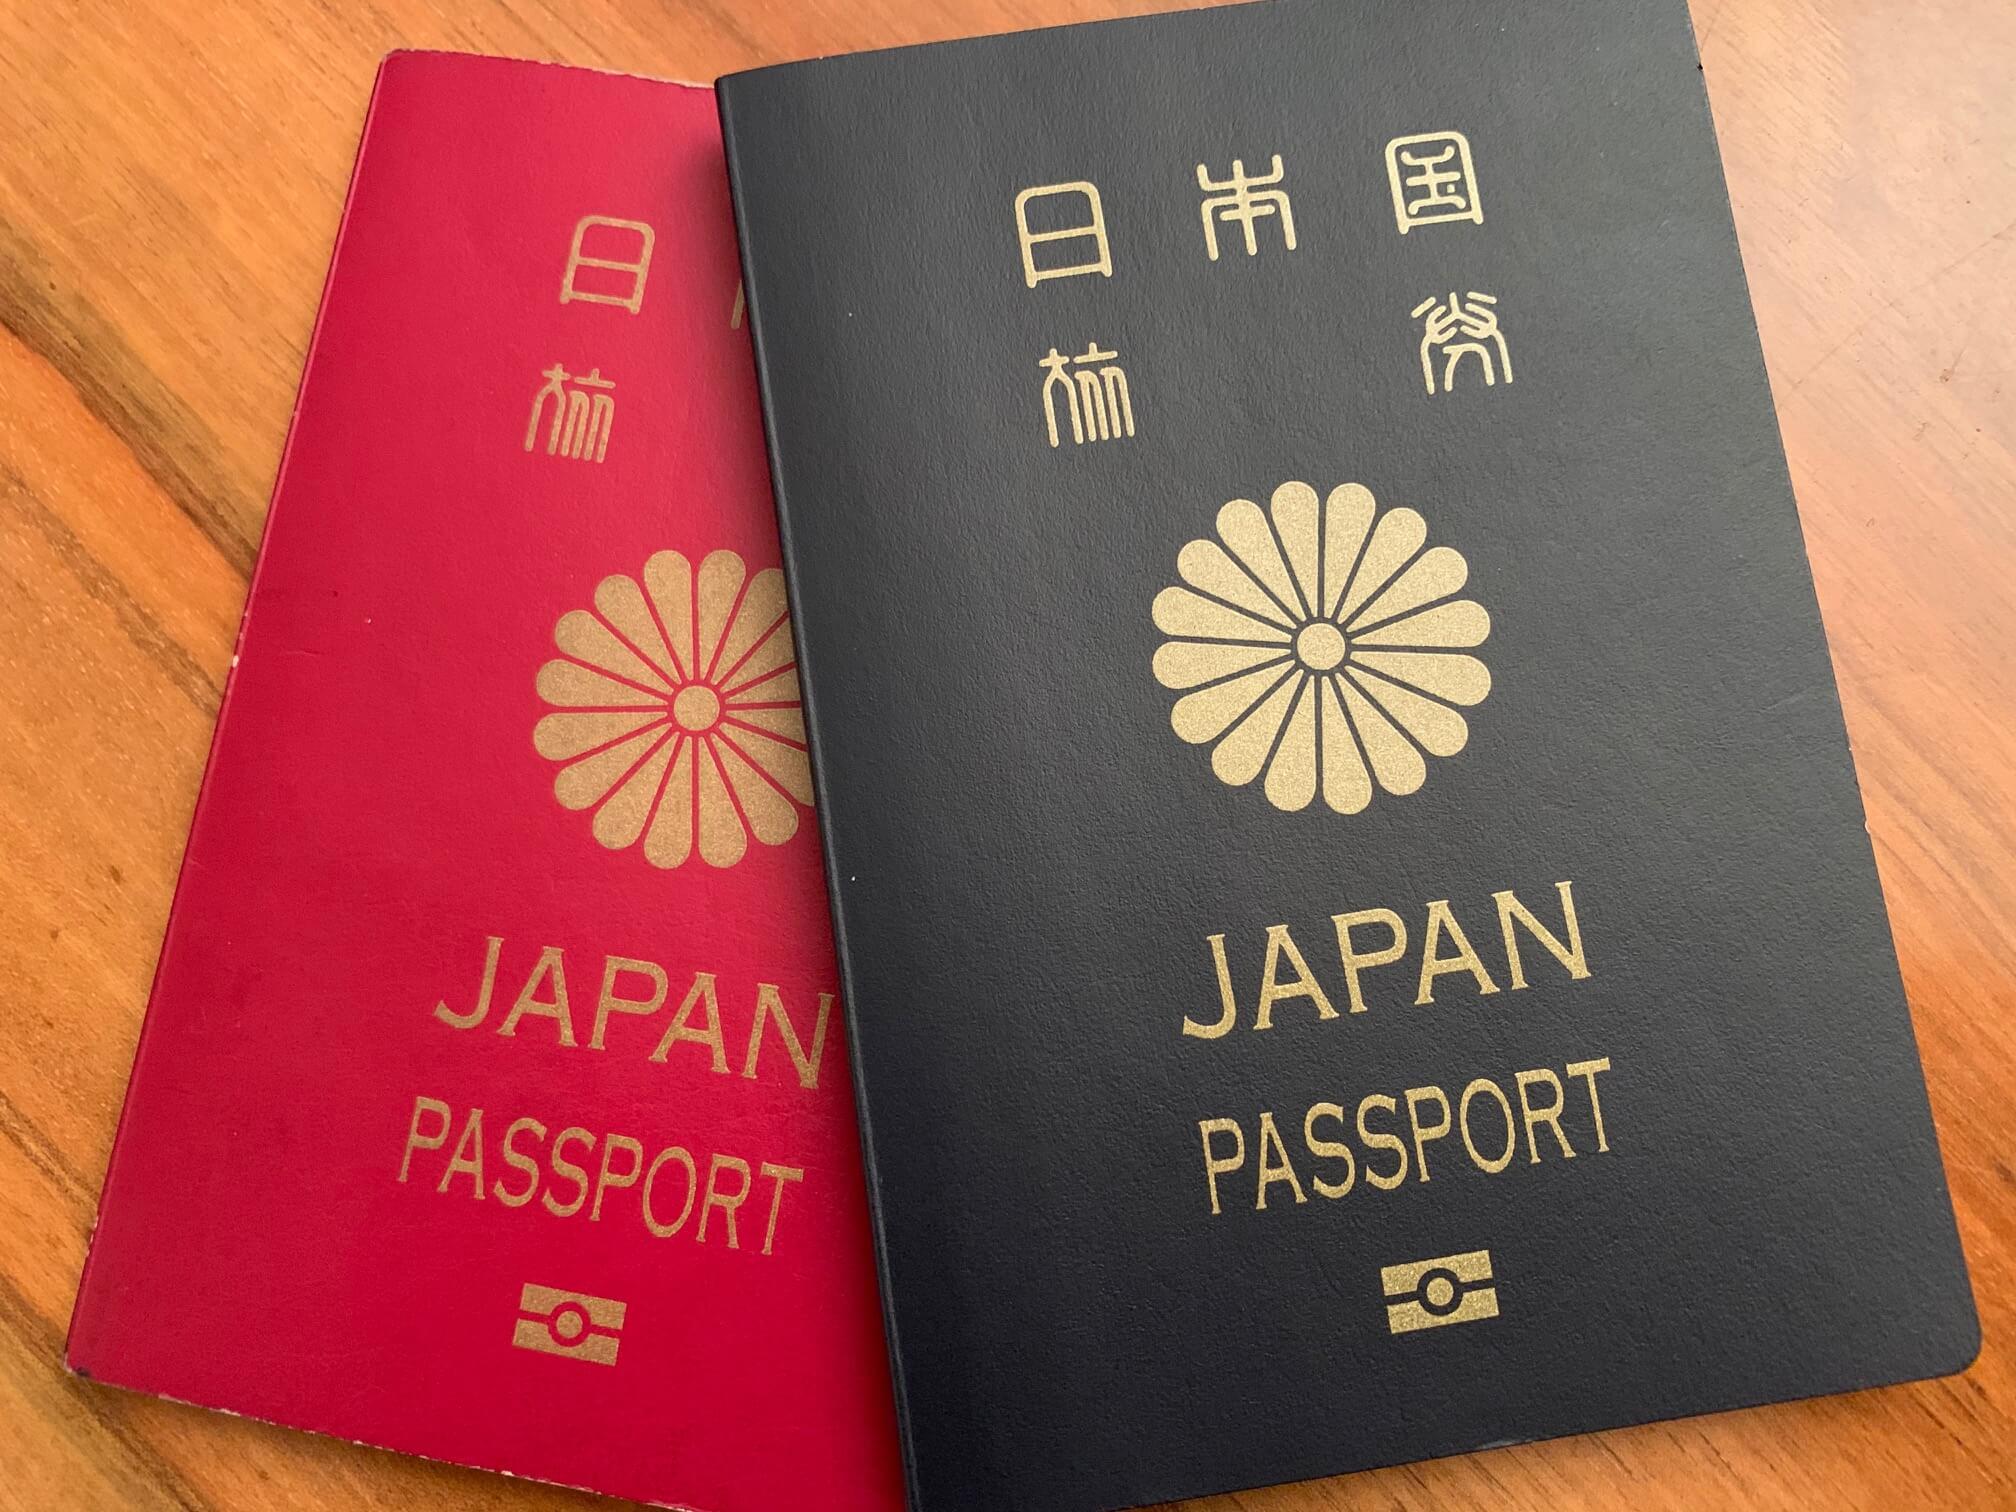 「世界最強パスポートを持つ日本人を見かけない世界」